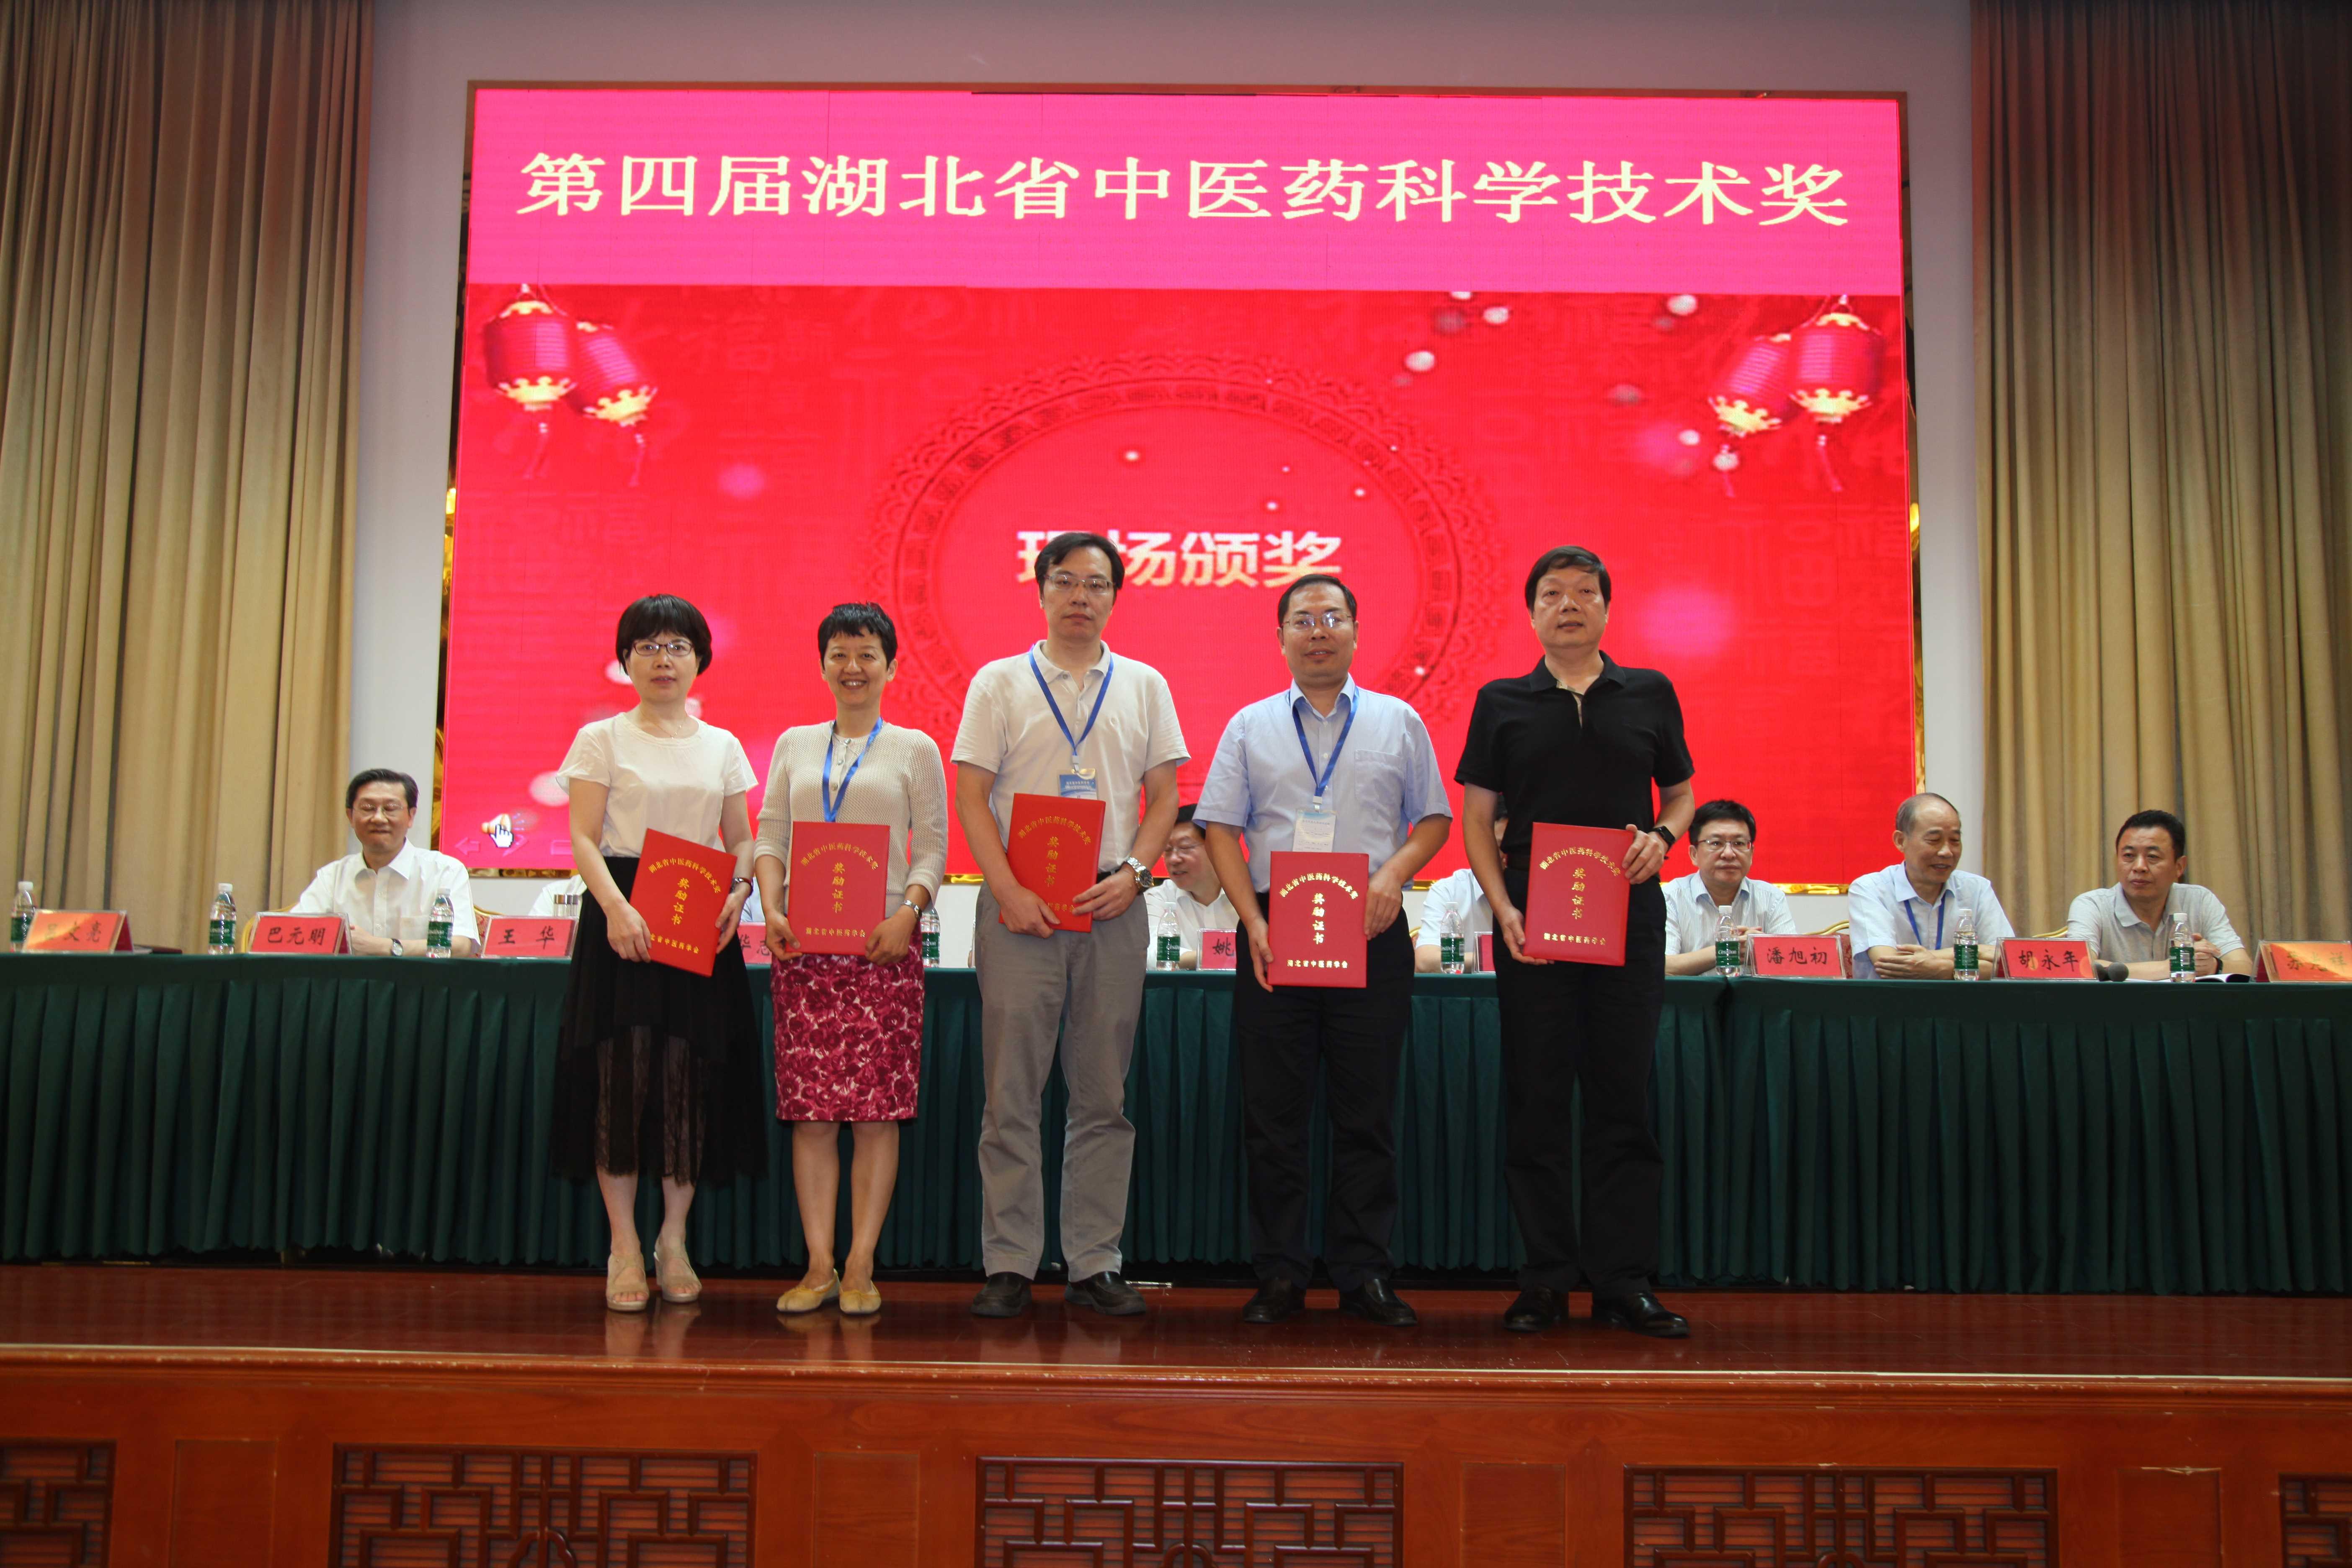 第四届湖北省中医药科学技术奖颁奖现场-二等奖